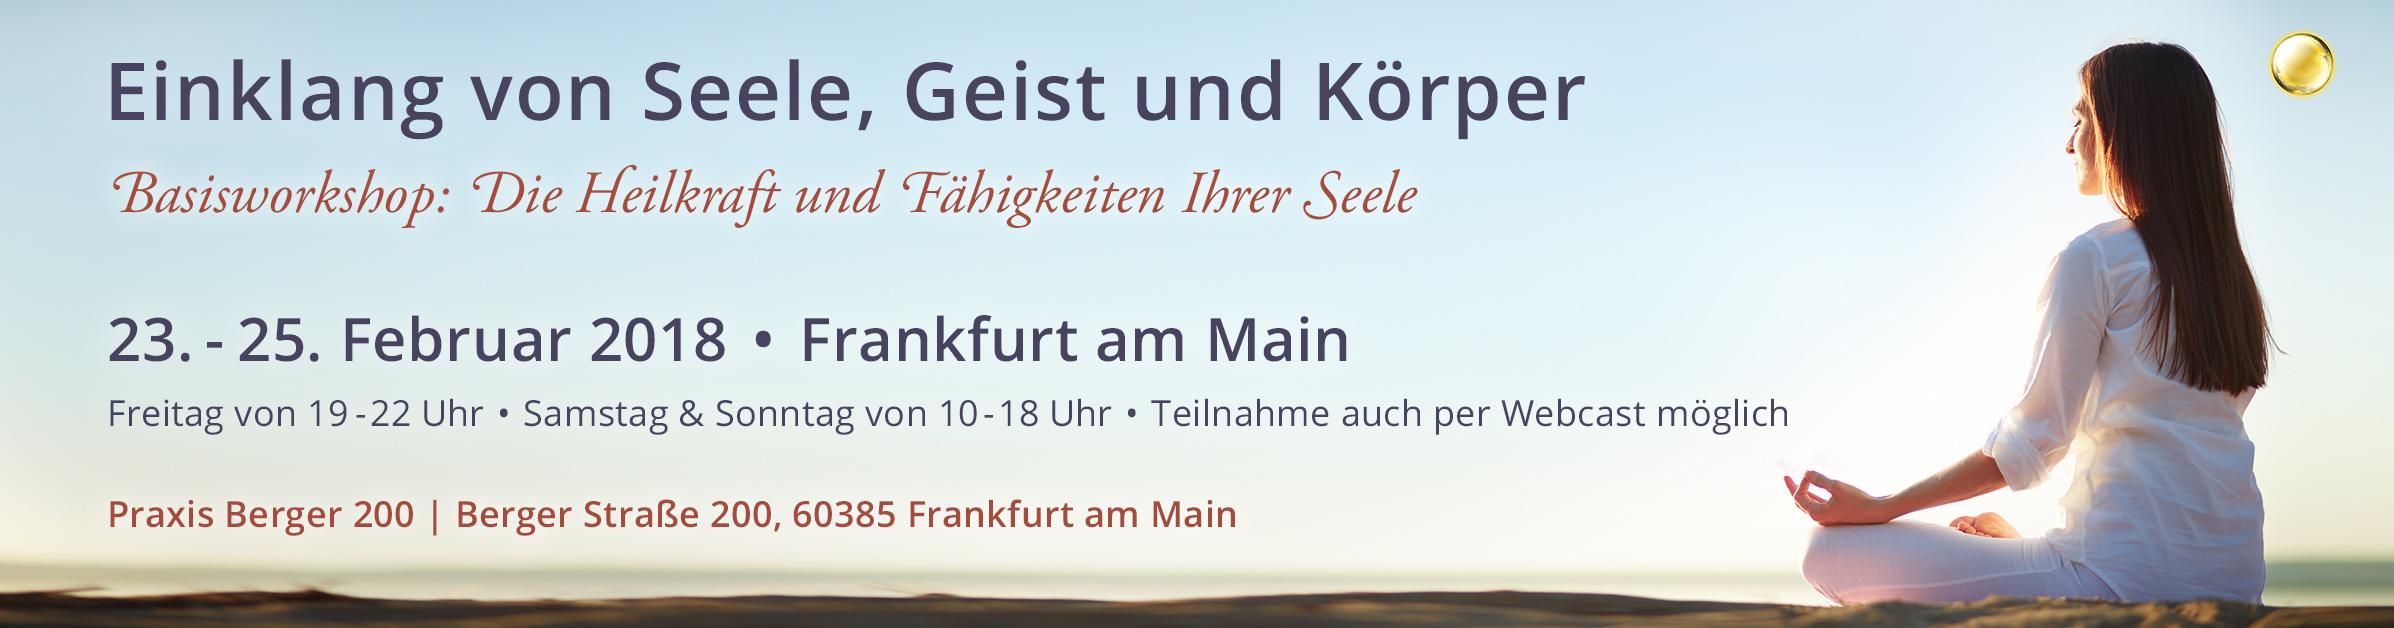 Einklang von Seele, Geist und Körper – Einführung in die Seelenheilung | Frankfurt am Main